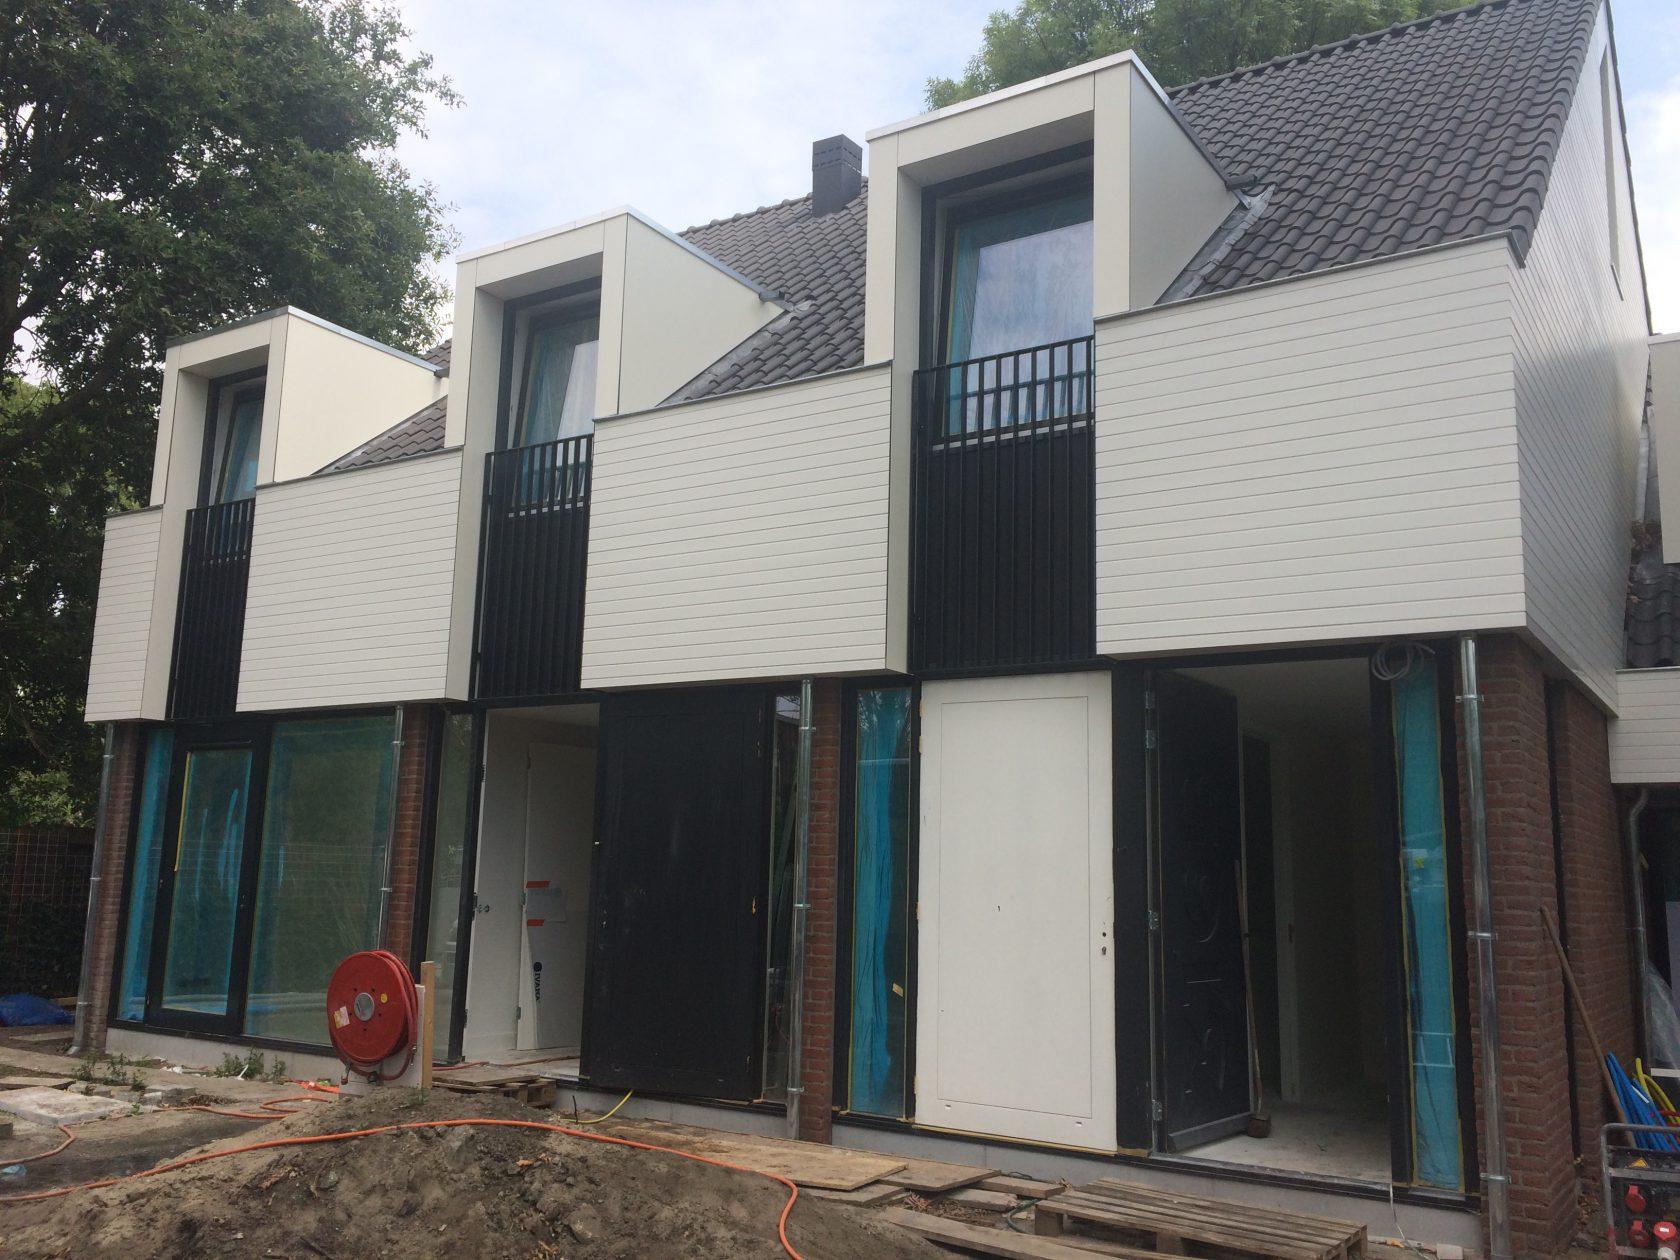 Buitenwatersloot – Delft